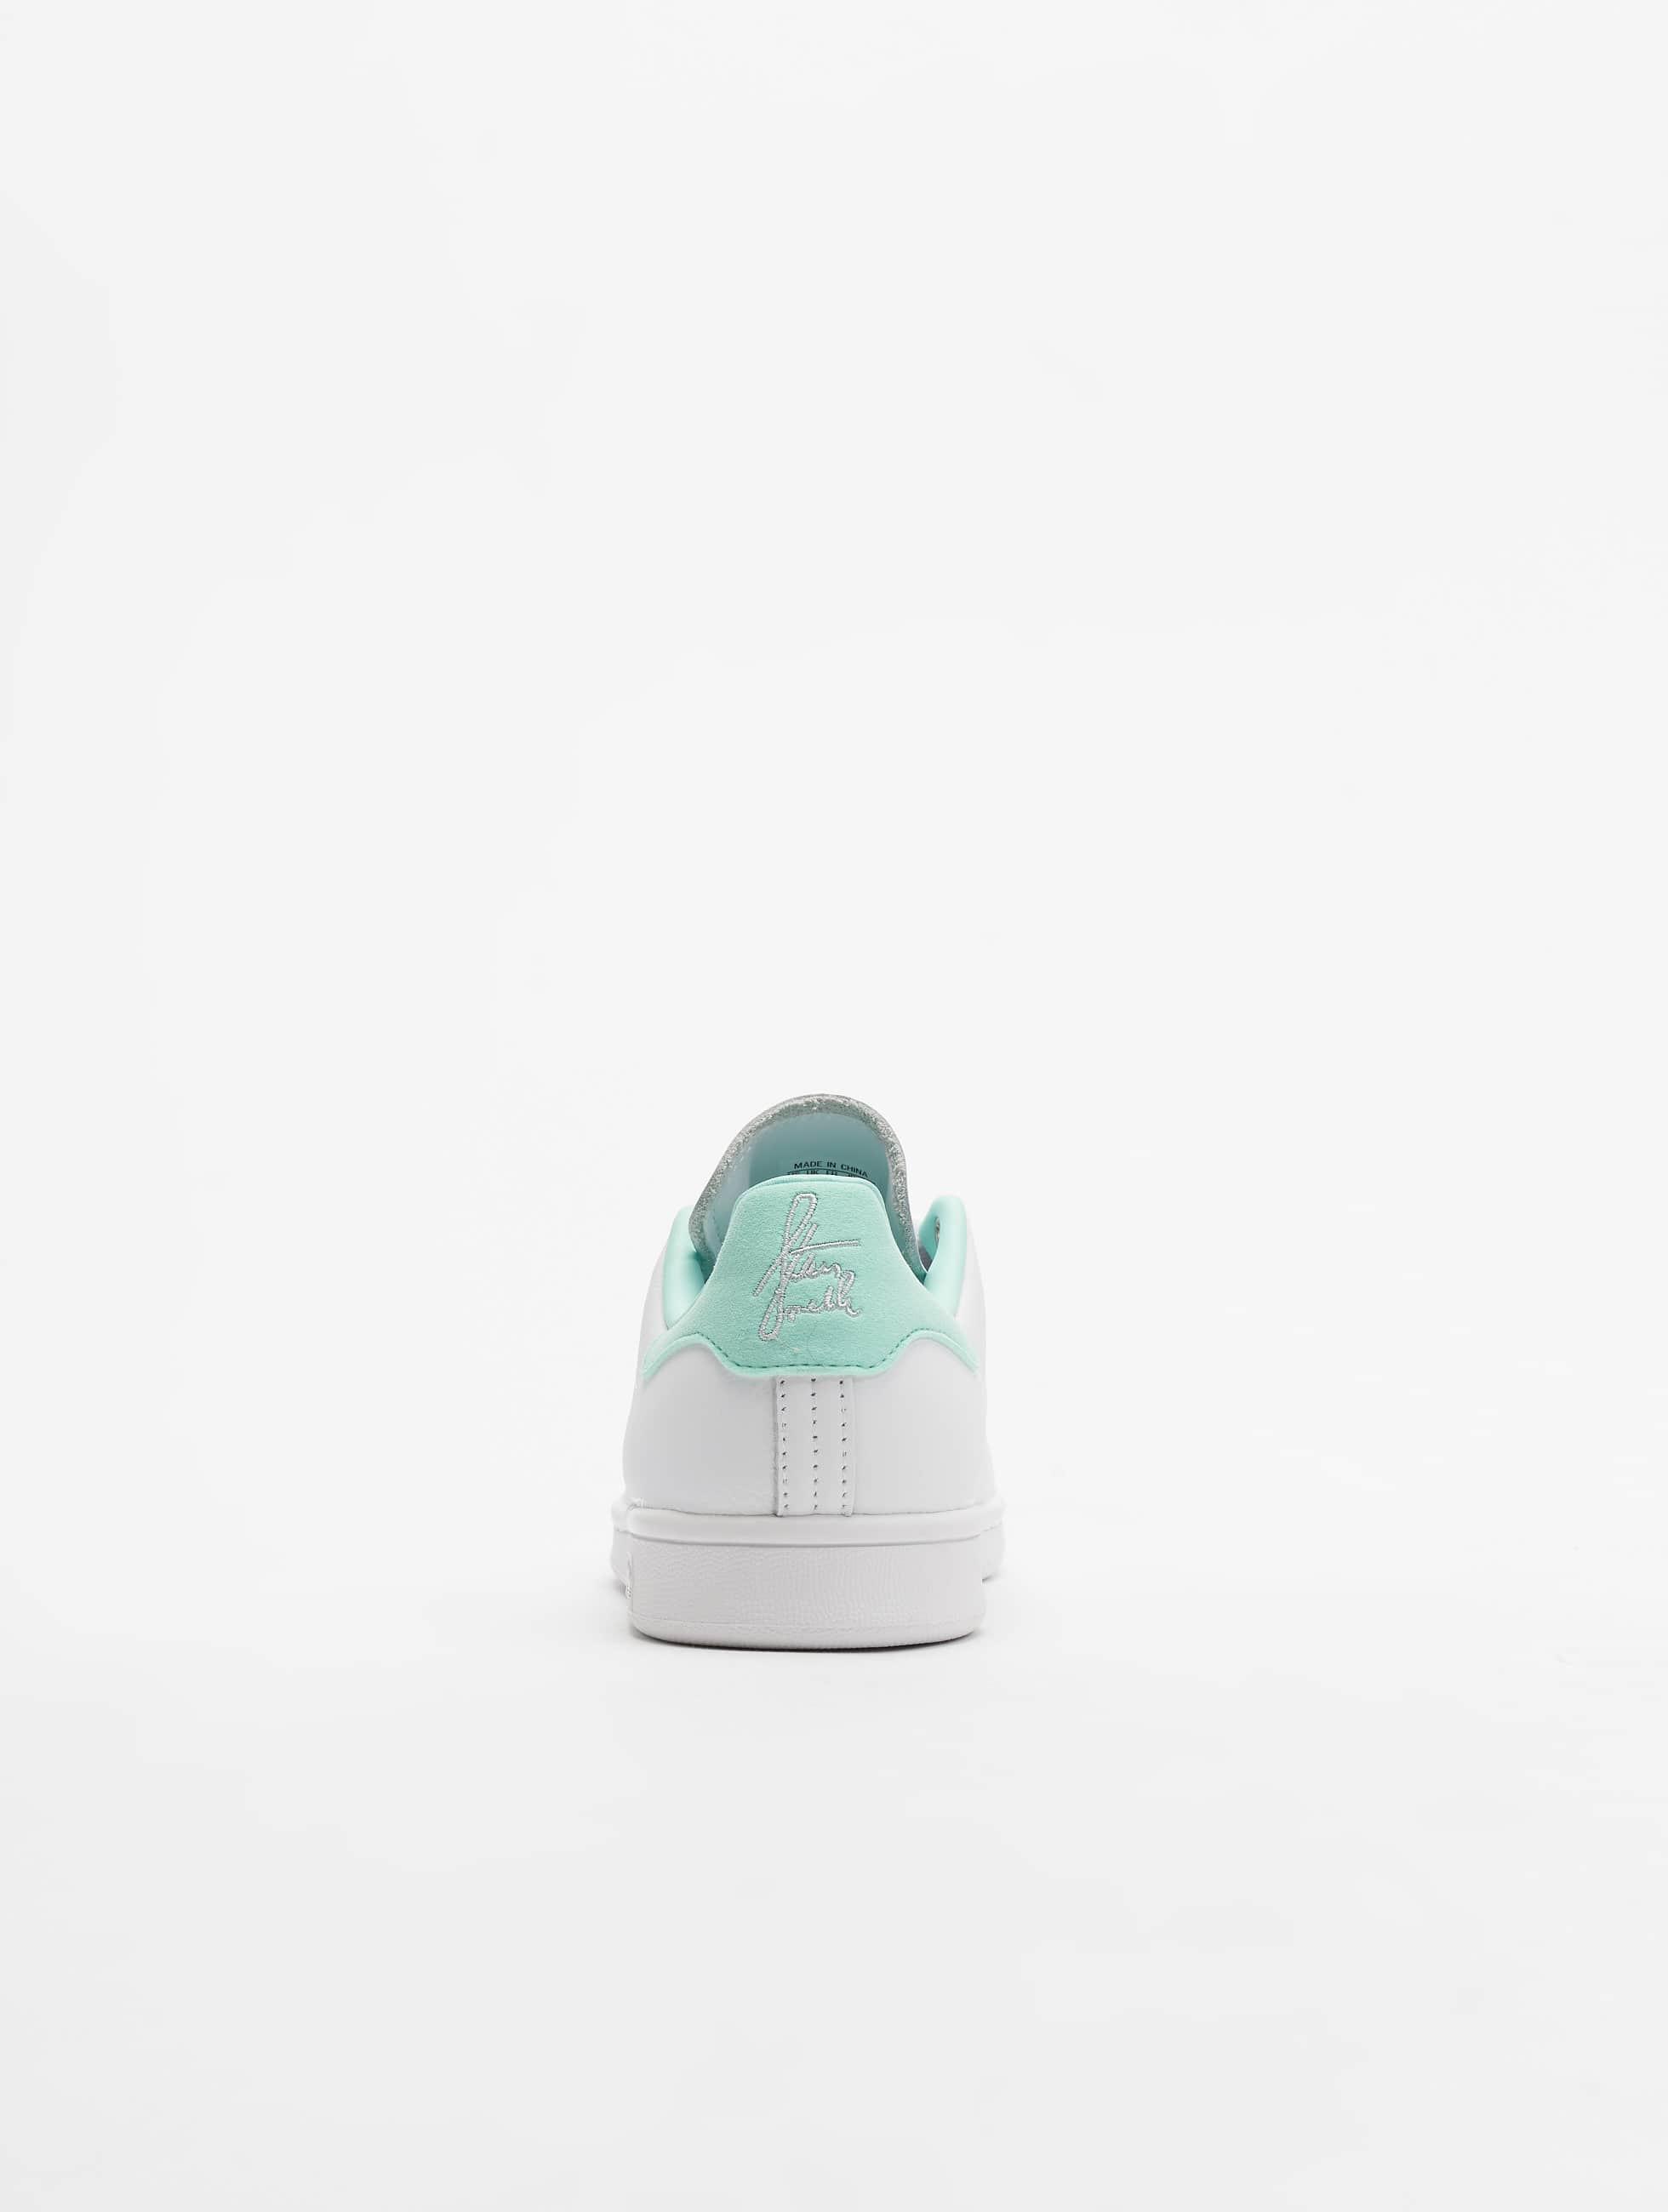 newest 4646d f90d4 adidas-originals-sneakers-biela-674053  4.jpg